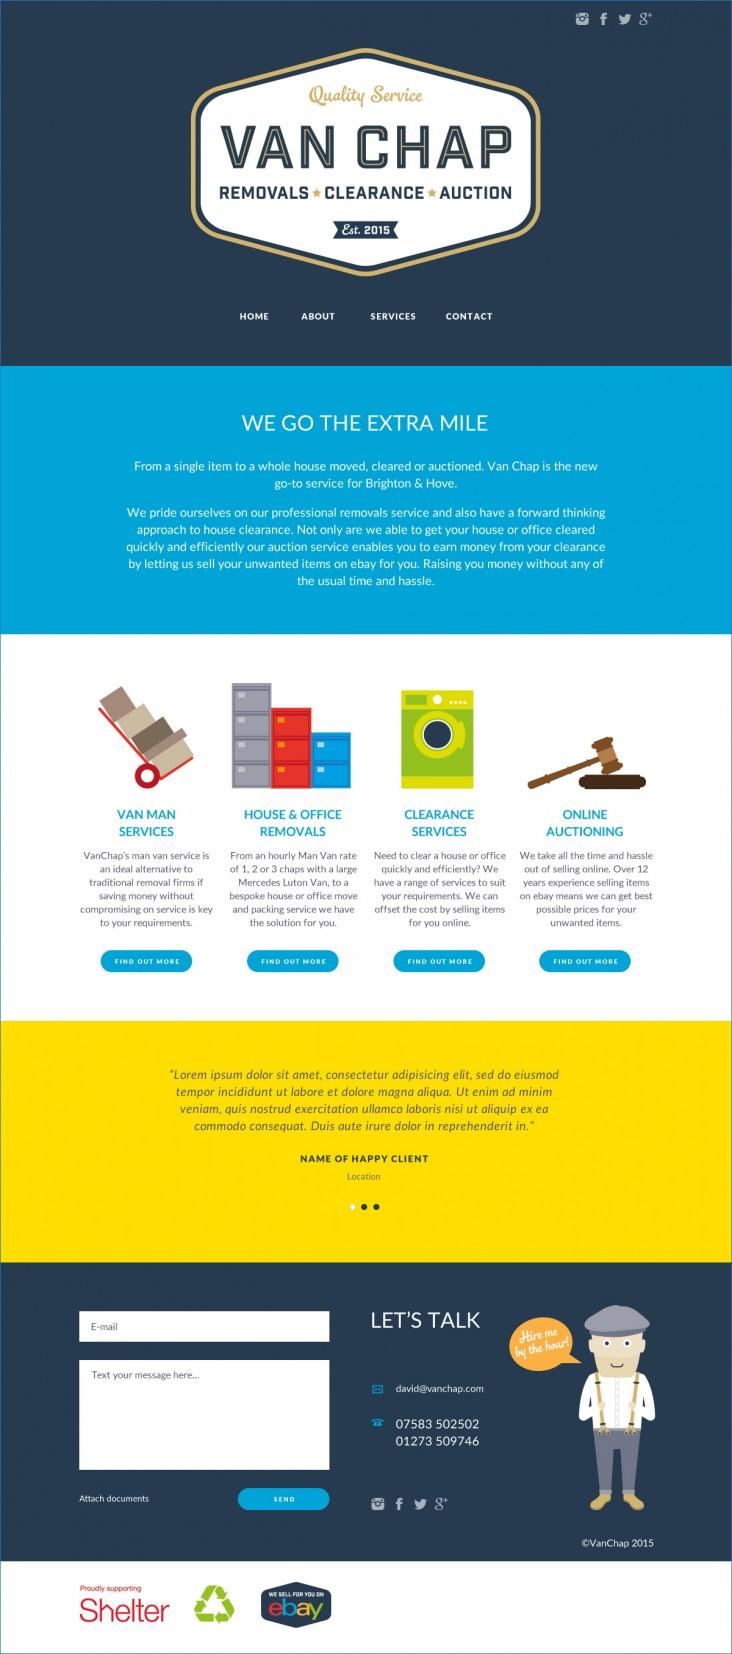 Van Chap website design home page